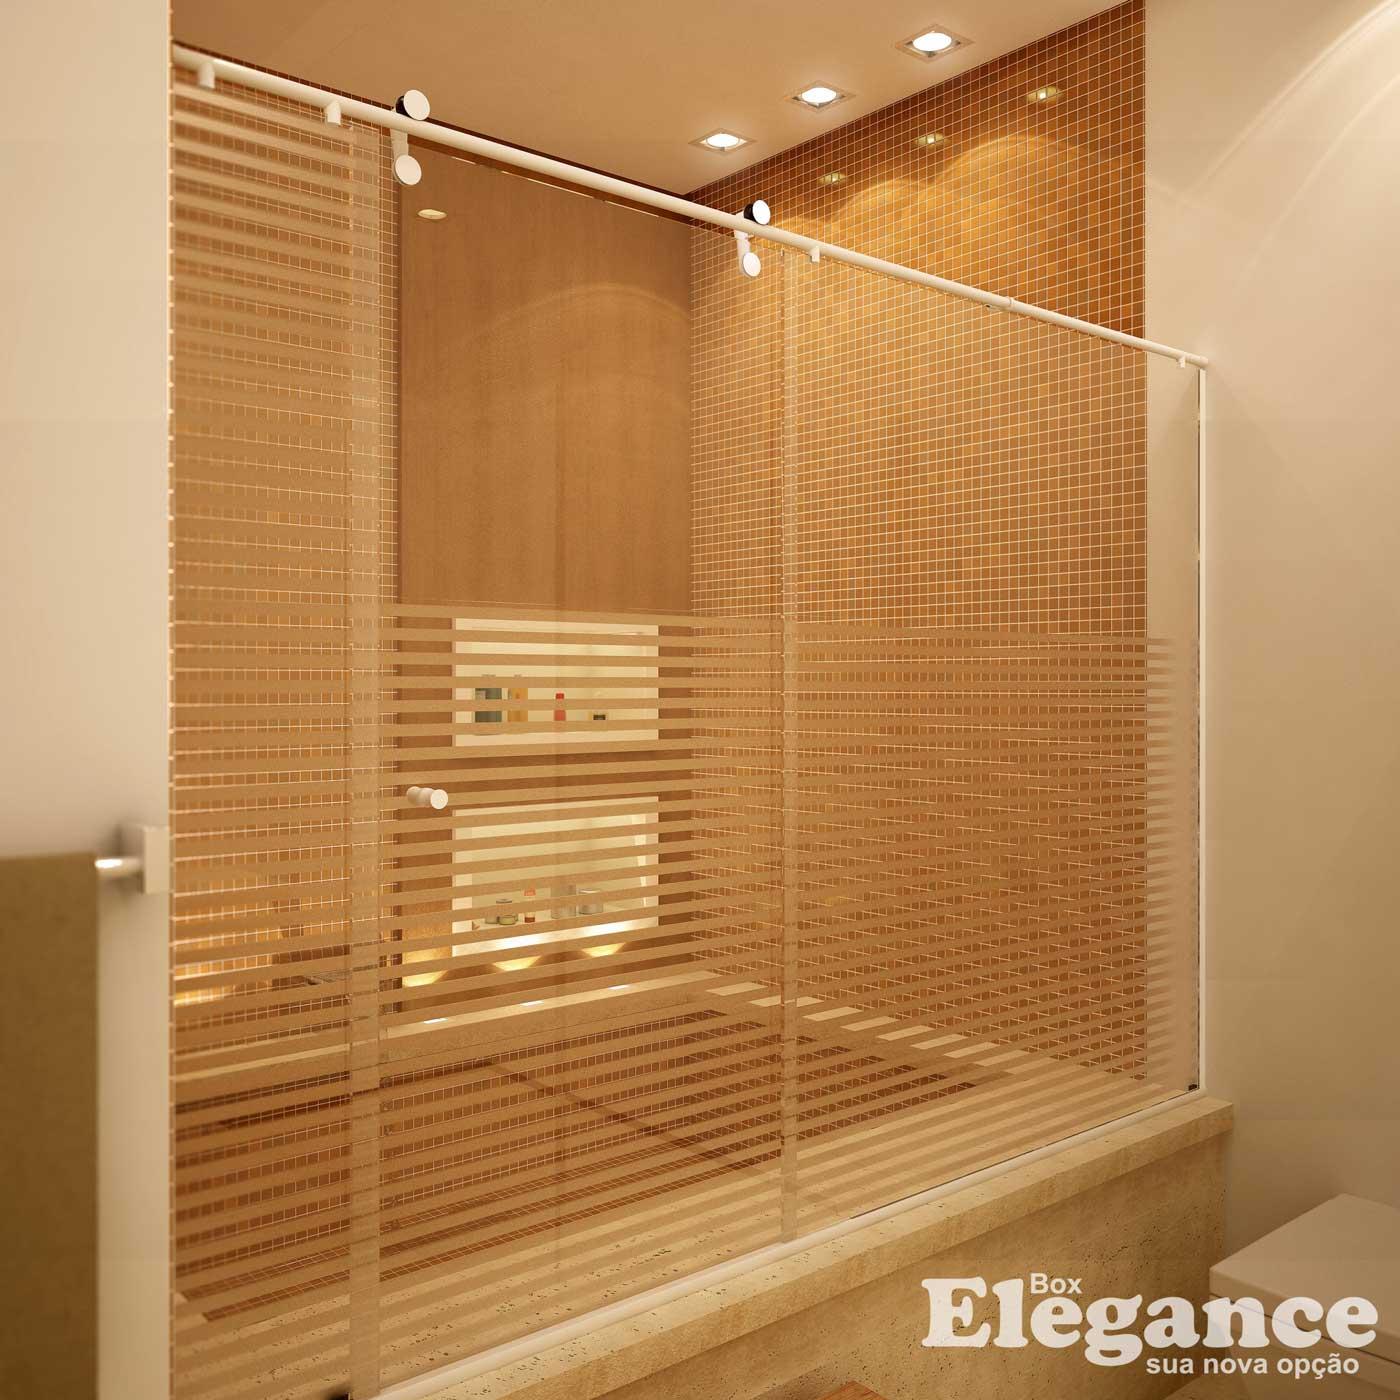 #411C08 BlindBox Vidro temperado para Box de Banheiro em Salvador 71 9912 9050  112 Janelas De Vidro Em Salvador